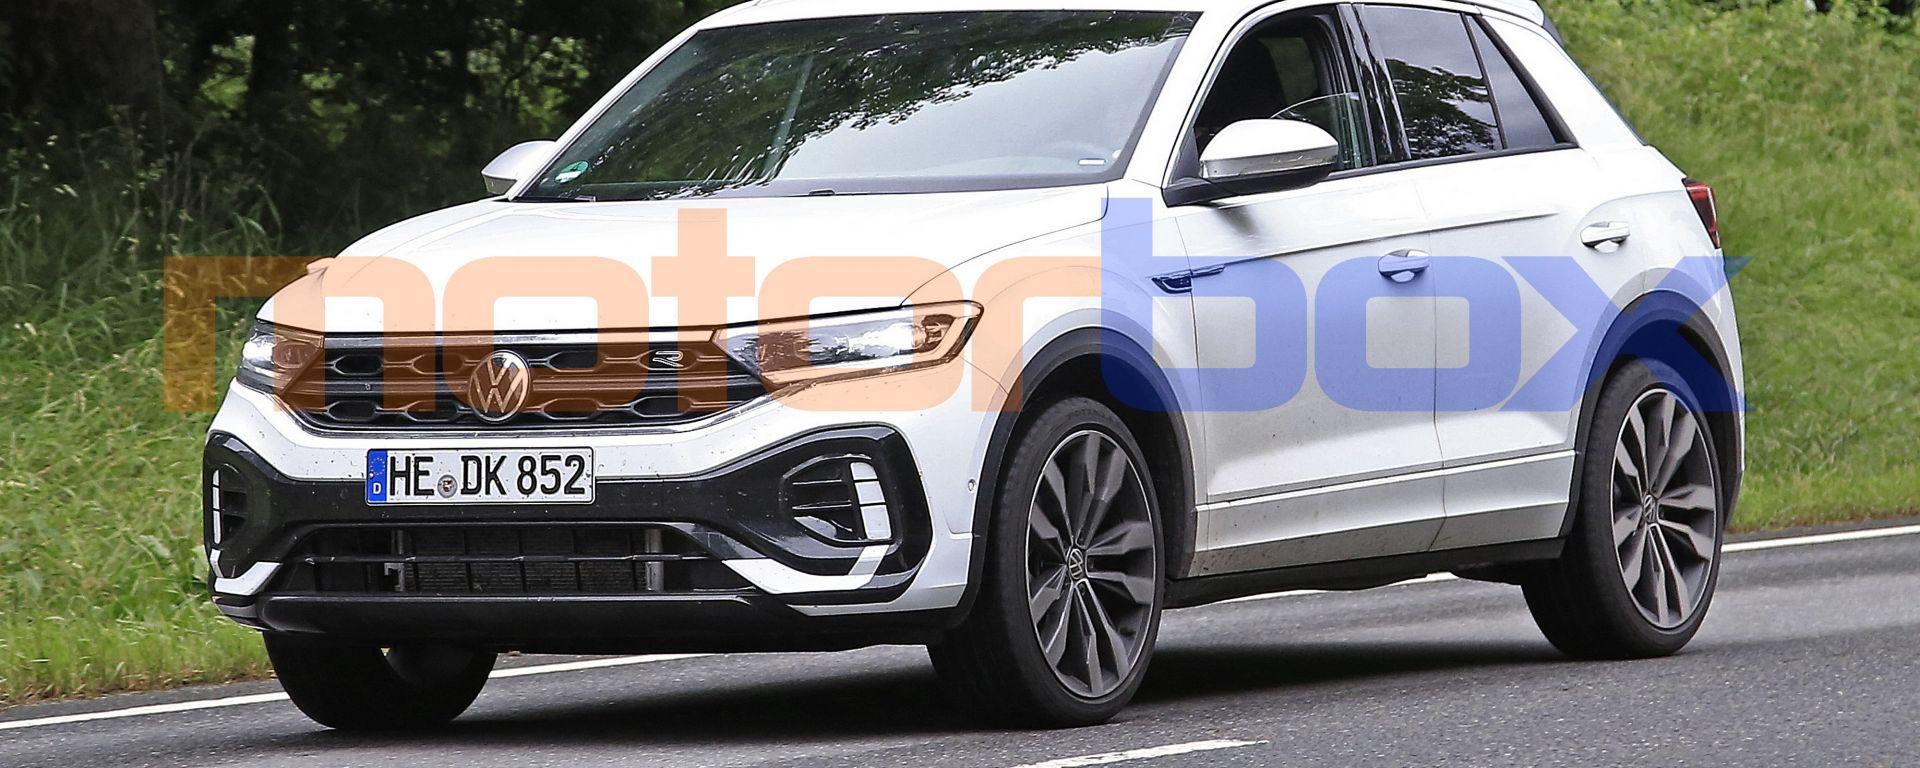 Nuova Volkswagen T-Roc: per il 2022 arriva il facelift anche in allestimento sportivo R-Line